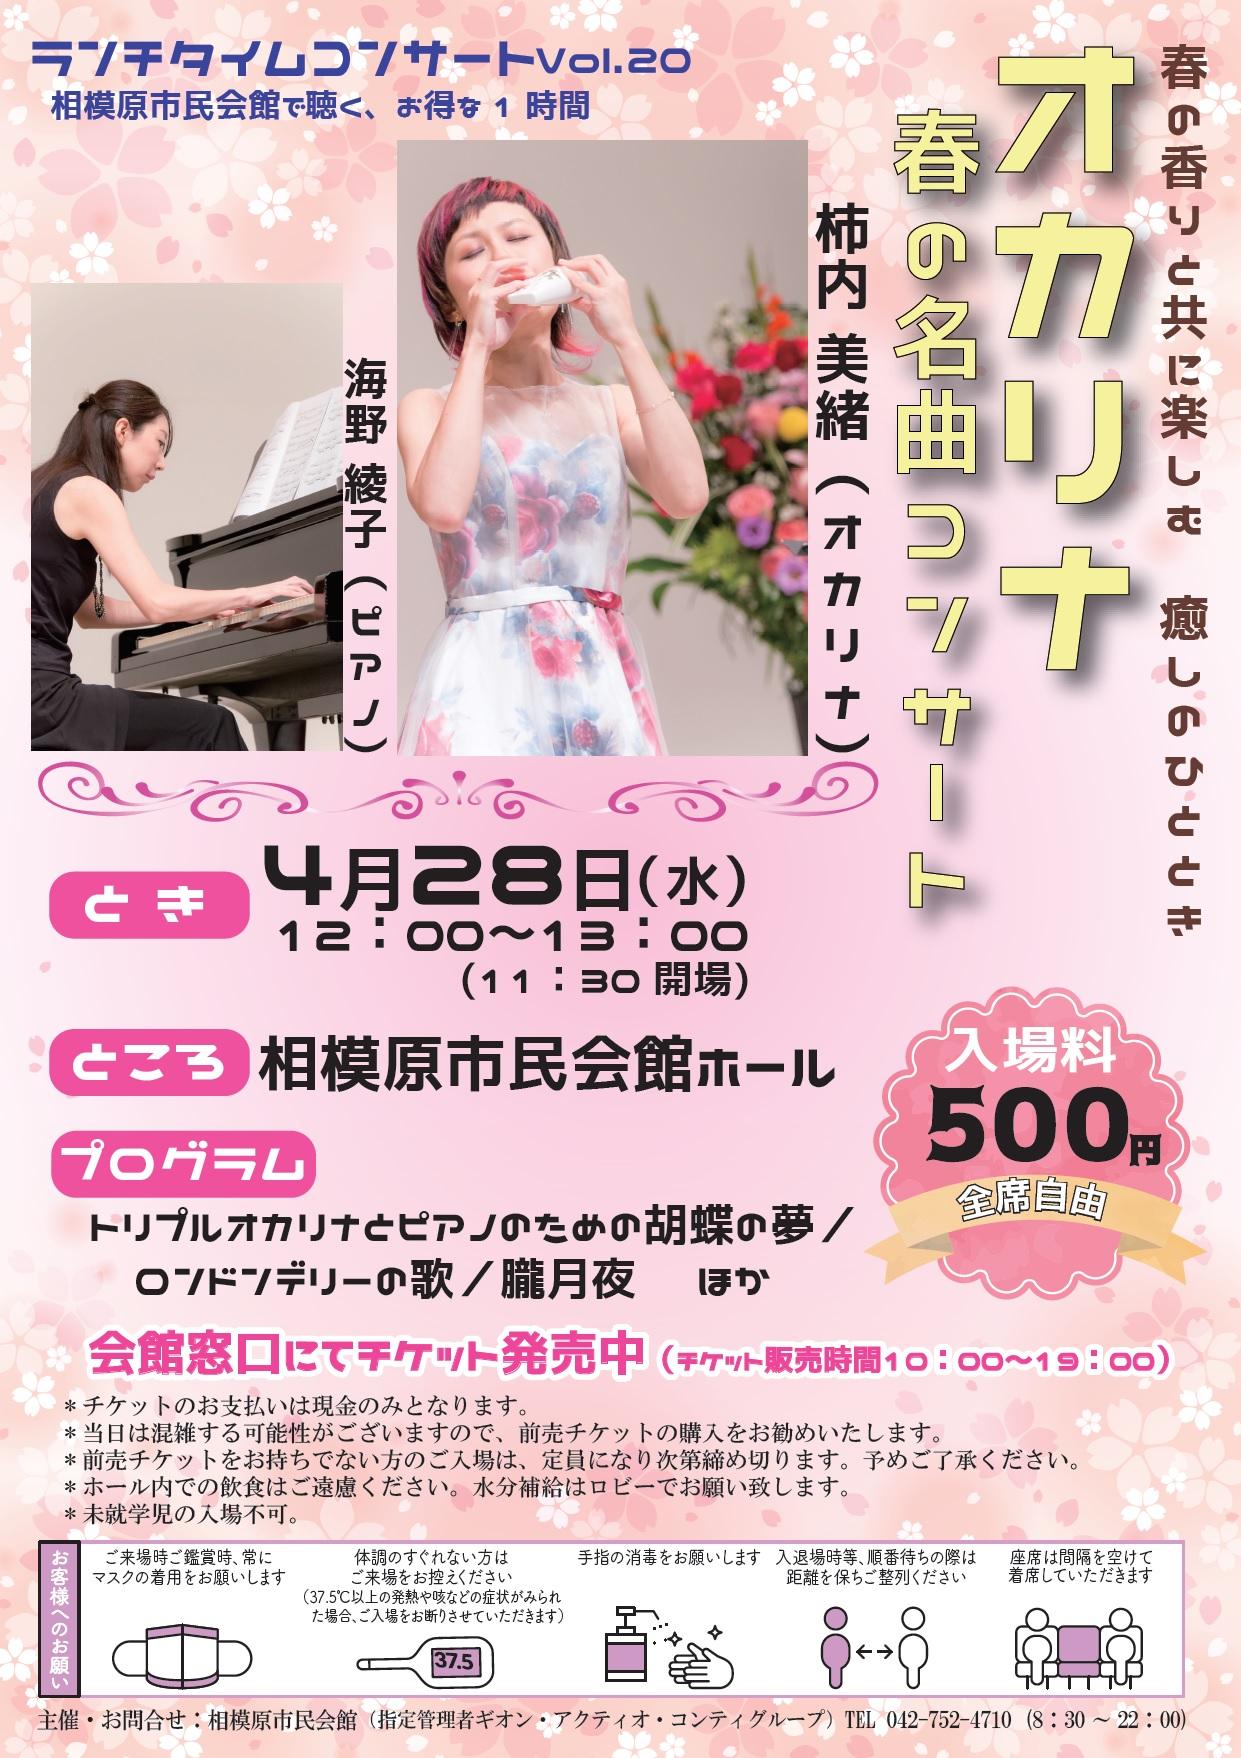 ランチタイムコンサート オカリナ春の名曲コンサートチラシ